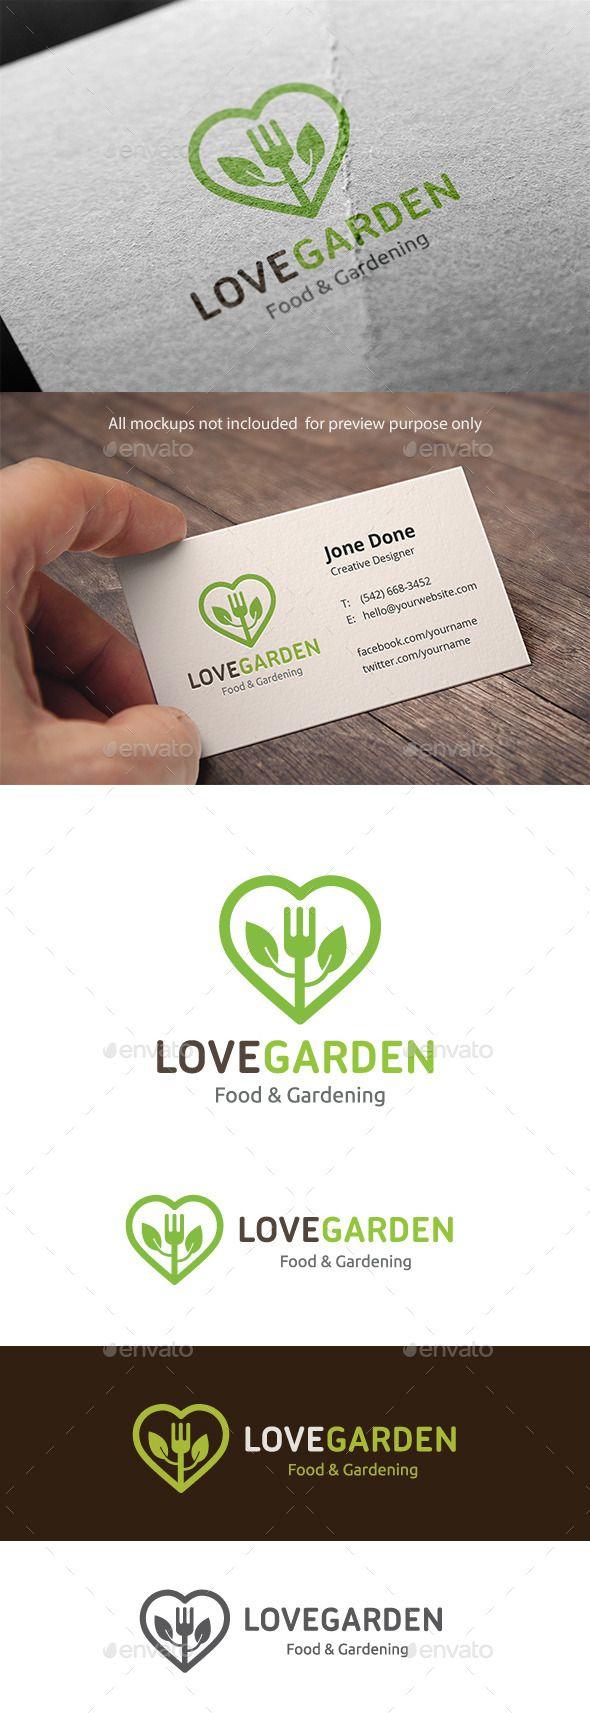 garden care logo #garden #gardencare Logo Template Features100 Scalable Vector Files Everything is editable Everything is resizable Easy to edit color / text Free fon